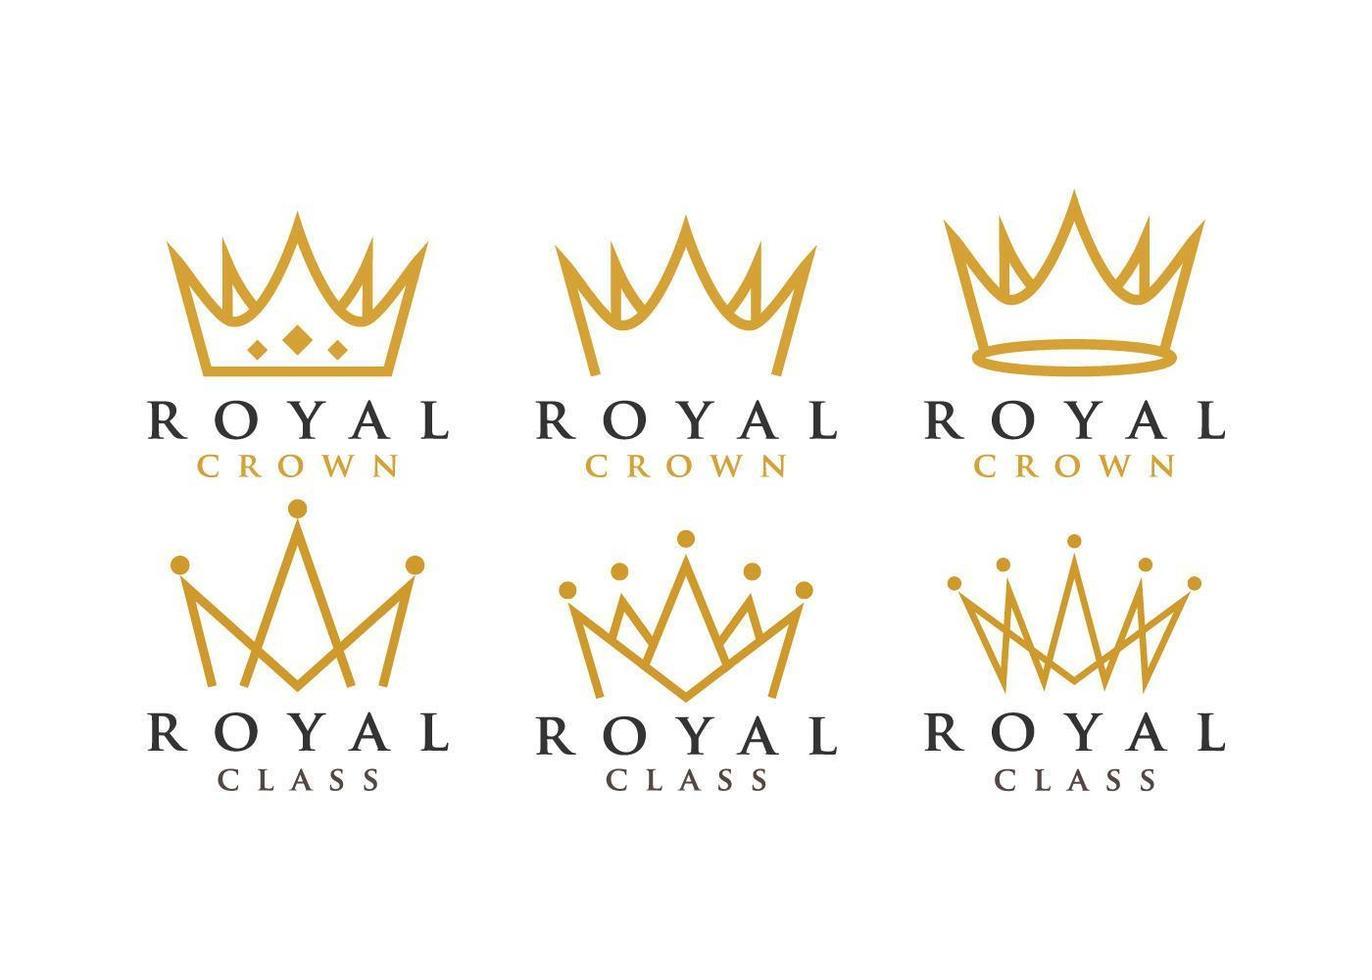 koninklijke kroon logo set vector